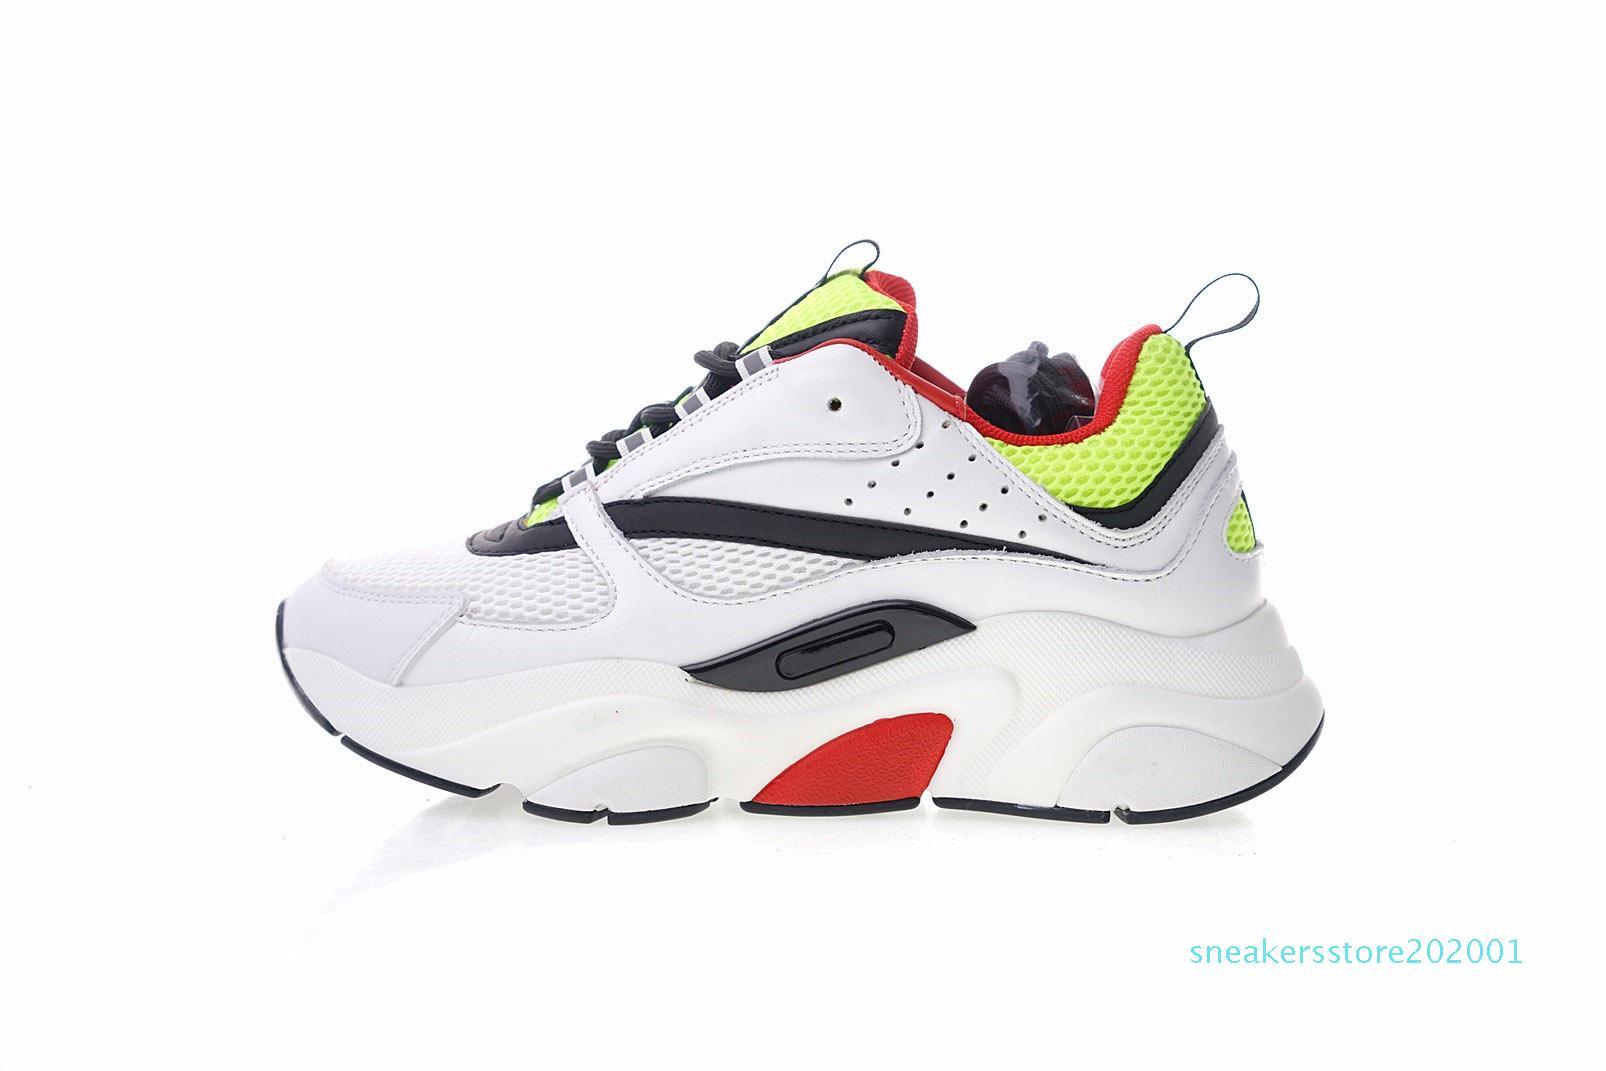 B22 Sneaker Herren-Designer-Schuhe Vintage-Turnschuhe Leinwand und Kalbsleder Turnschuhe Luxus Unisex Low Top Freizeitschuhe 20color Groß 35-4 s01